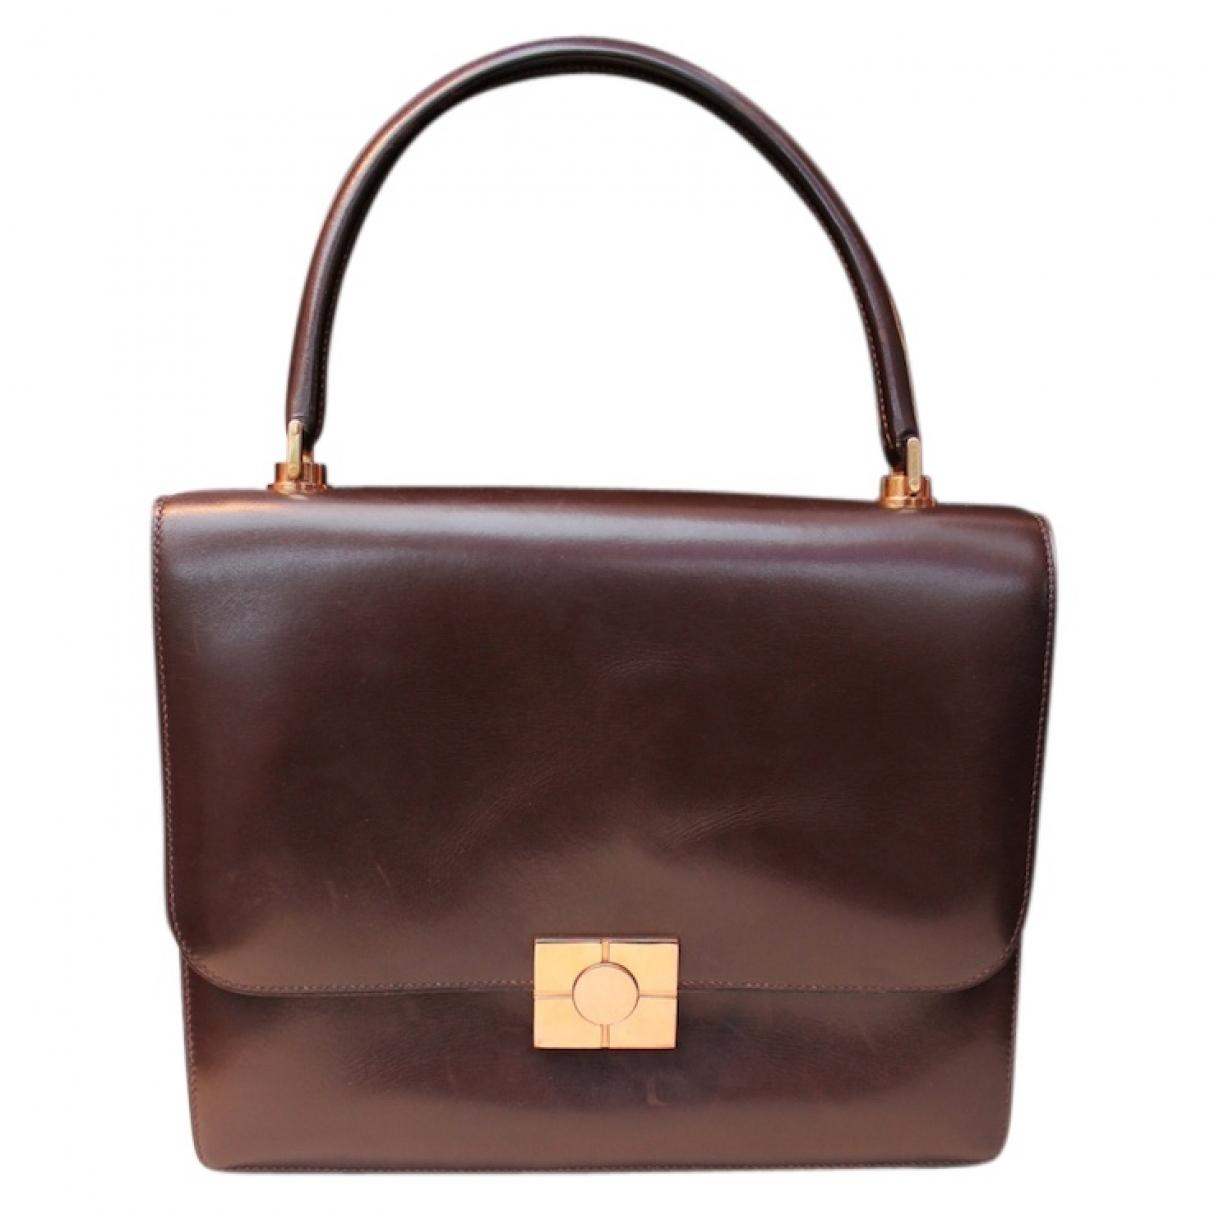 Hermès \N Brown Leather handbag for Women \N